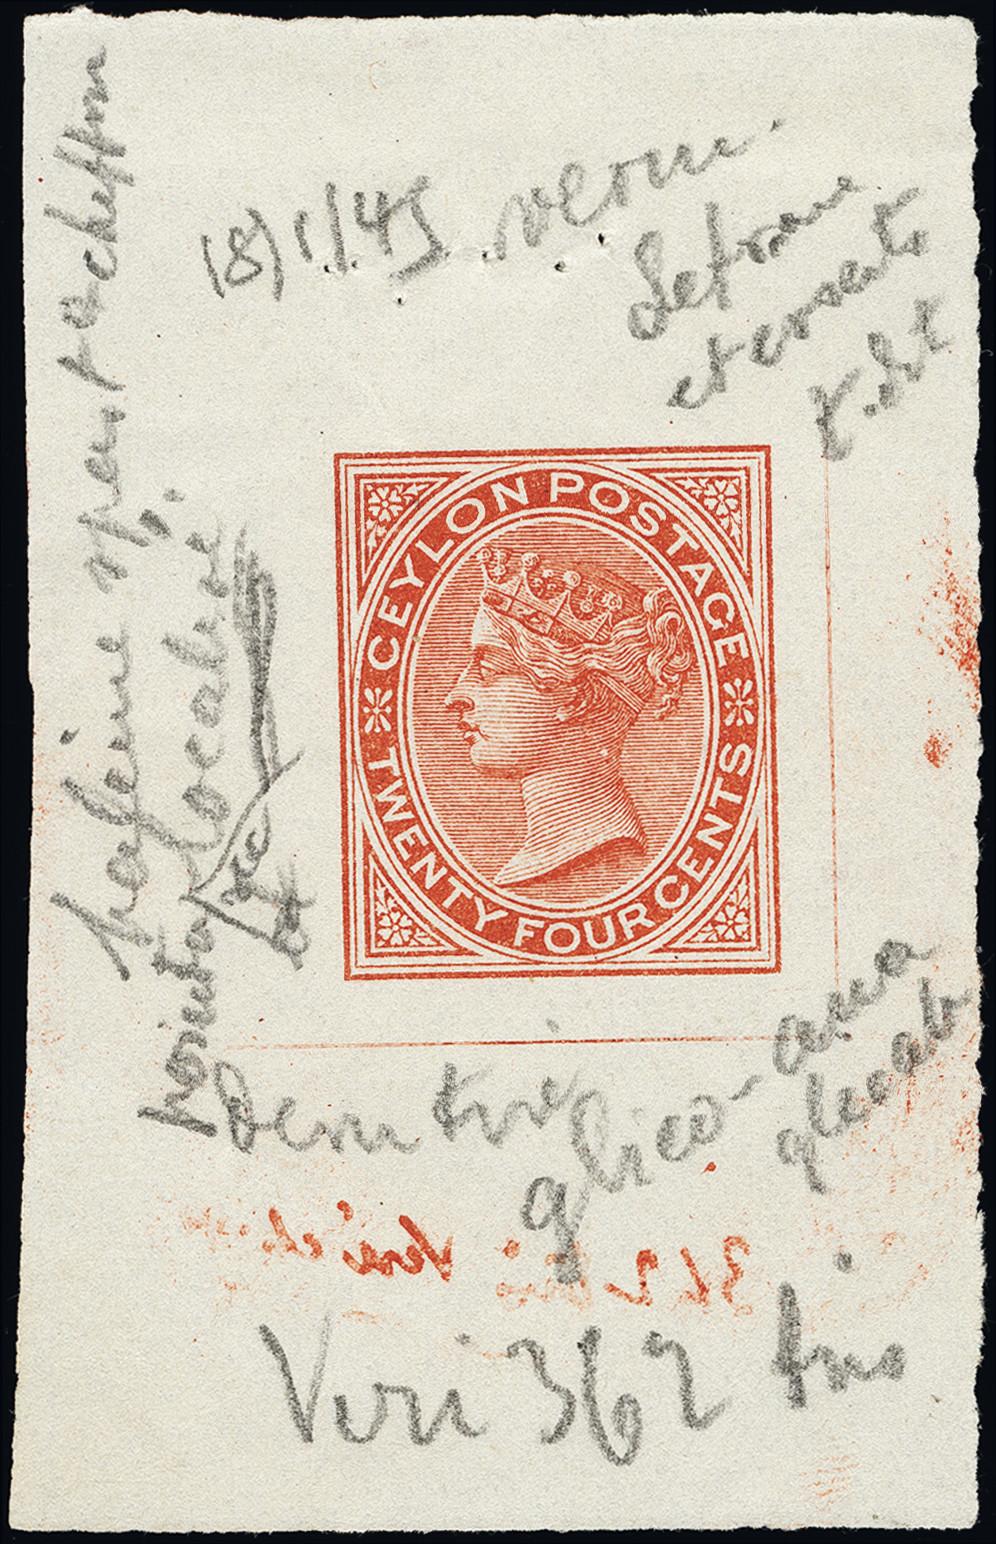 Lot 1237 - British Commonwealth Ceylon -  Heinrich Koehler Auktionen Heinrich Köhler Auction 377 - Day 1